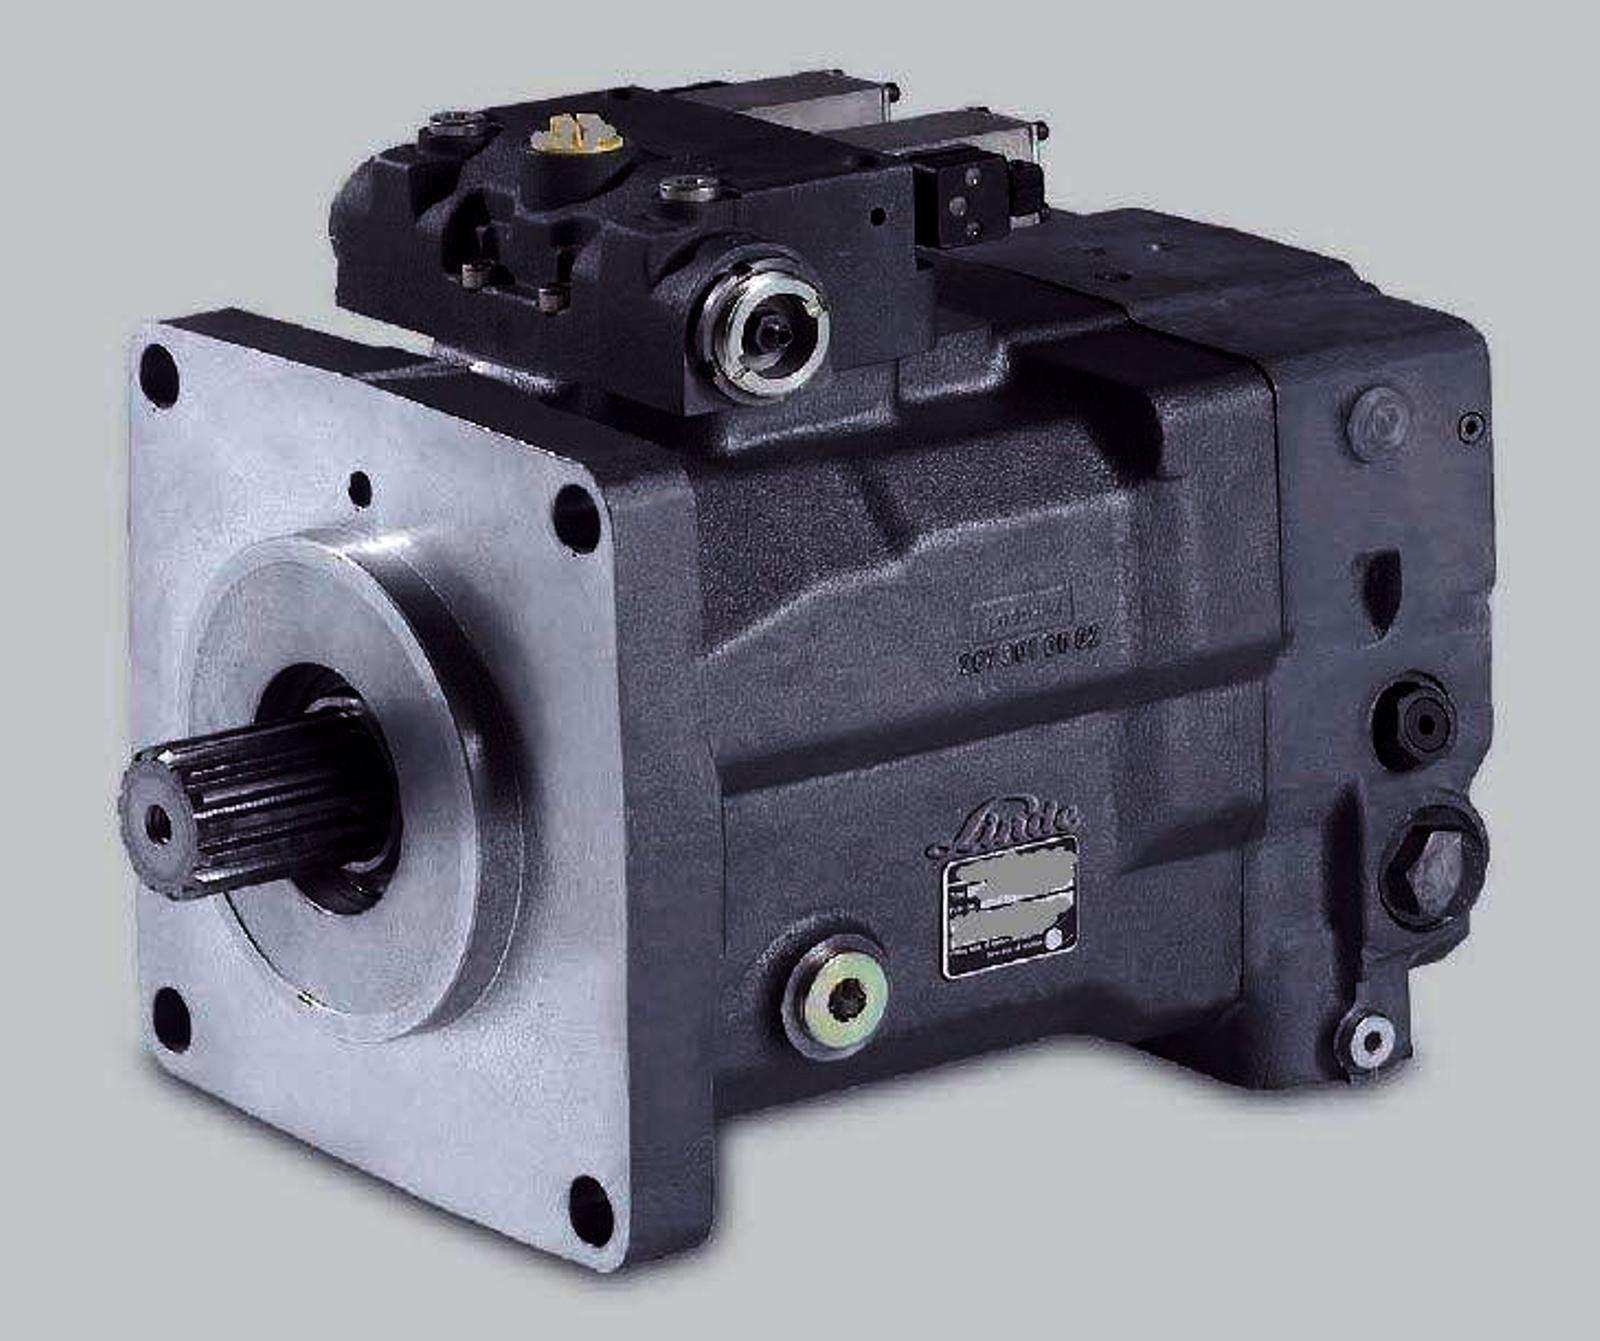 Linde Excavator HPR100D Hydrostatic Pump Final drive